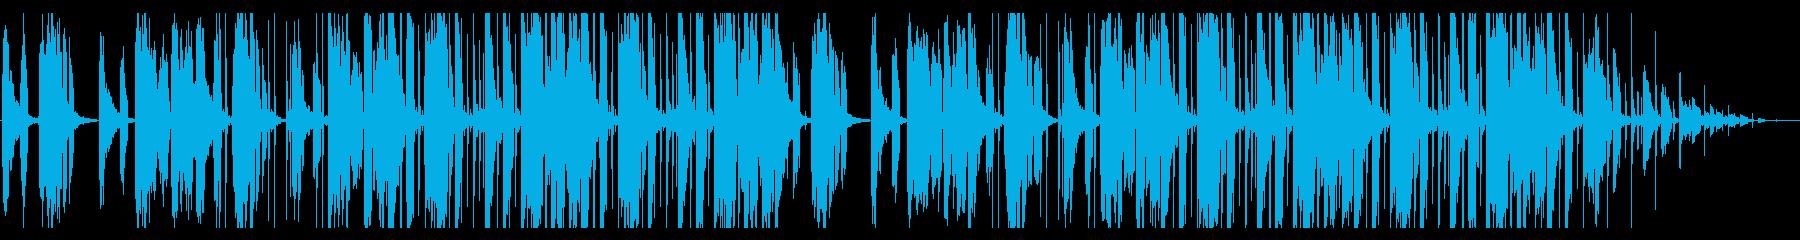 レトロウェイヴ。テクノの再生済みの波形